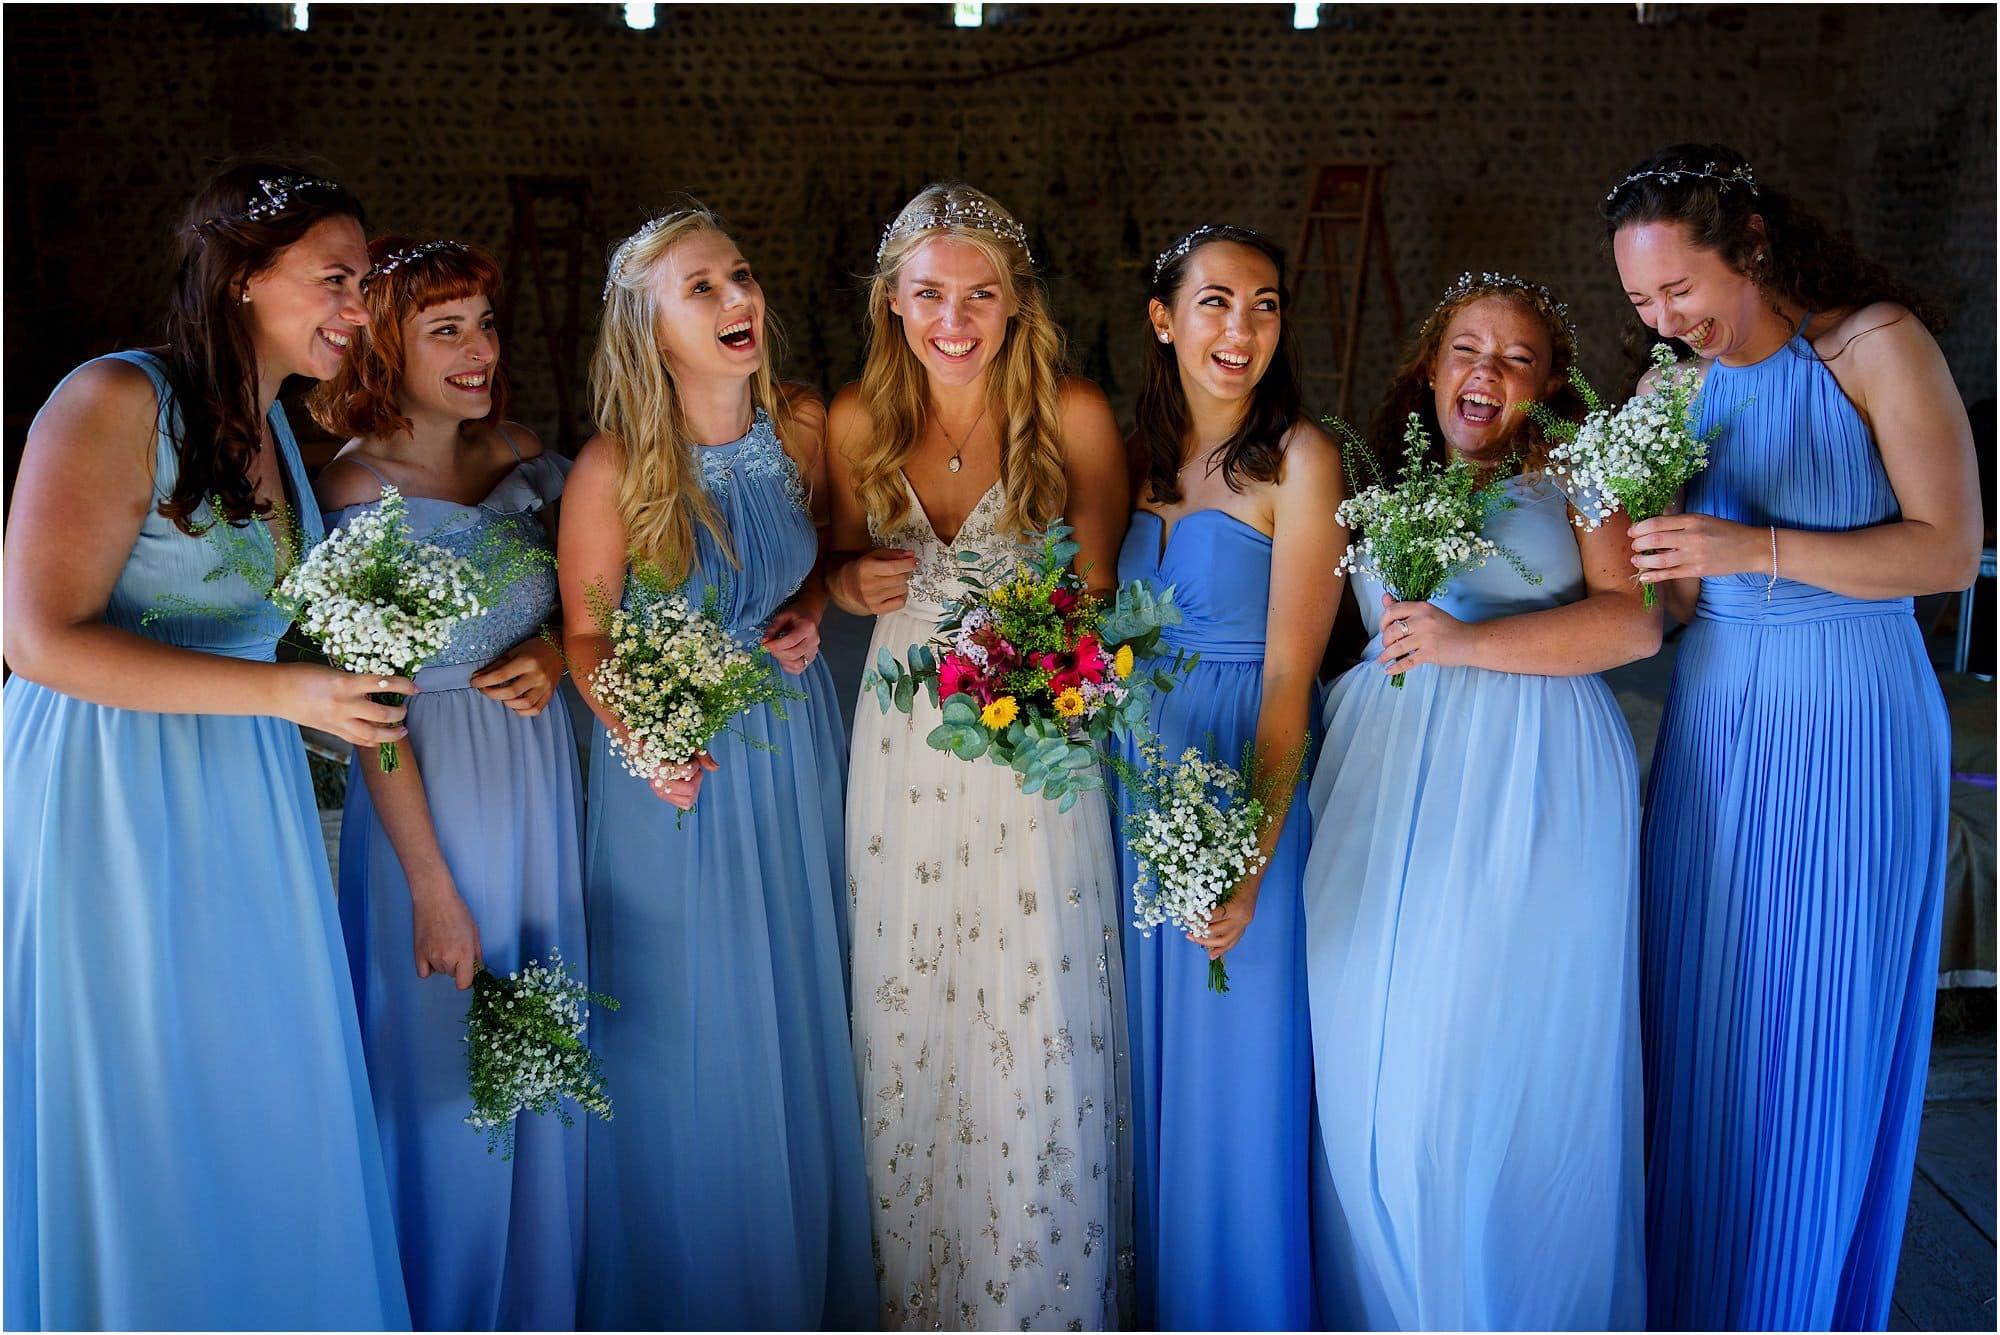 natural laughing shot of the bridesmaids